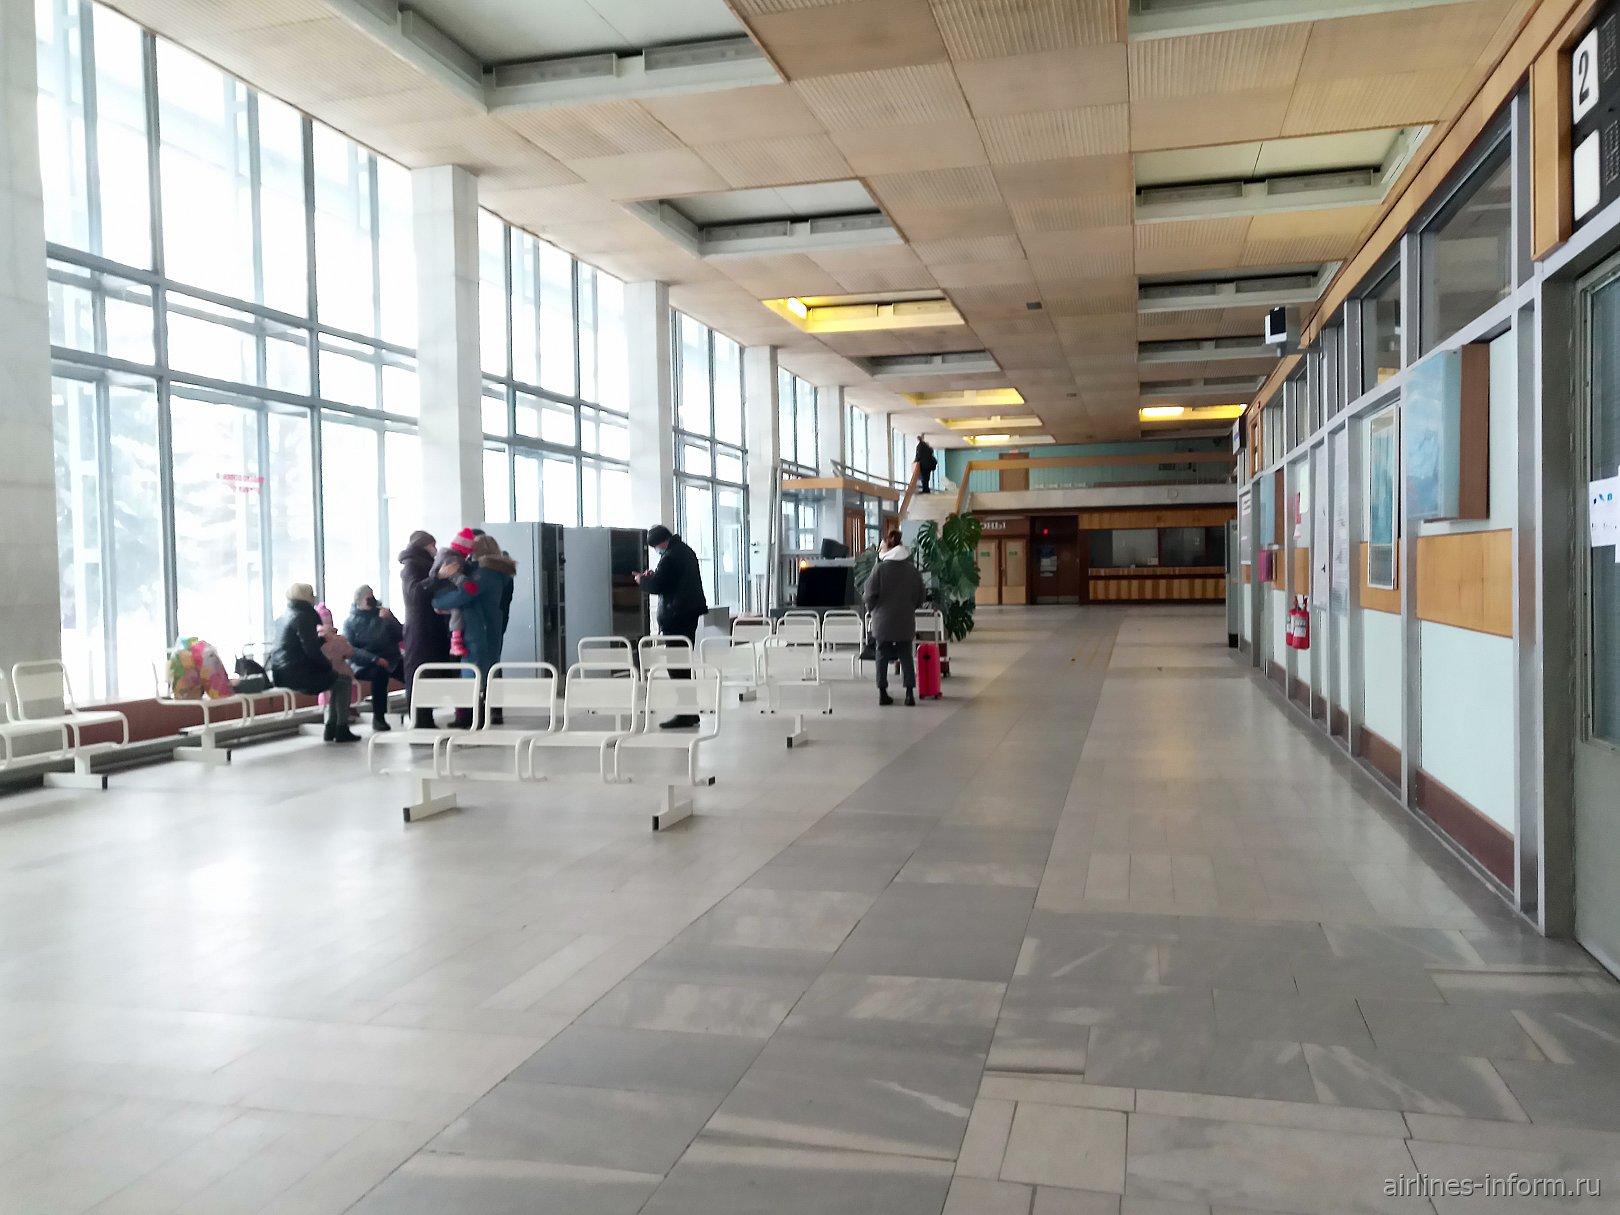 Общий зал аэровокзала аэропорта Вологды